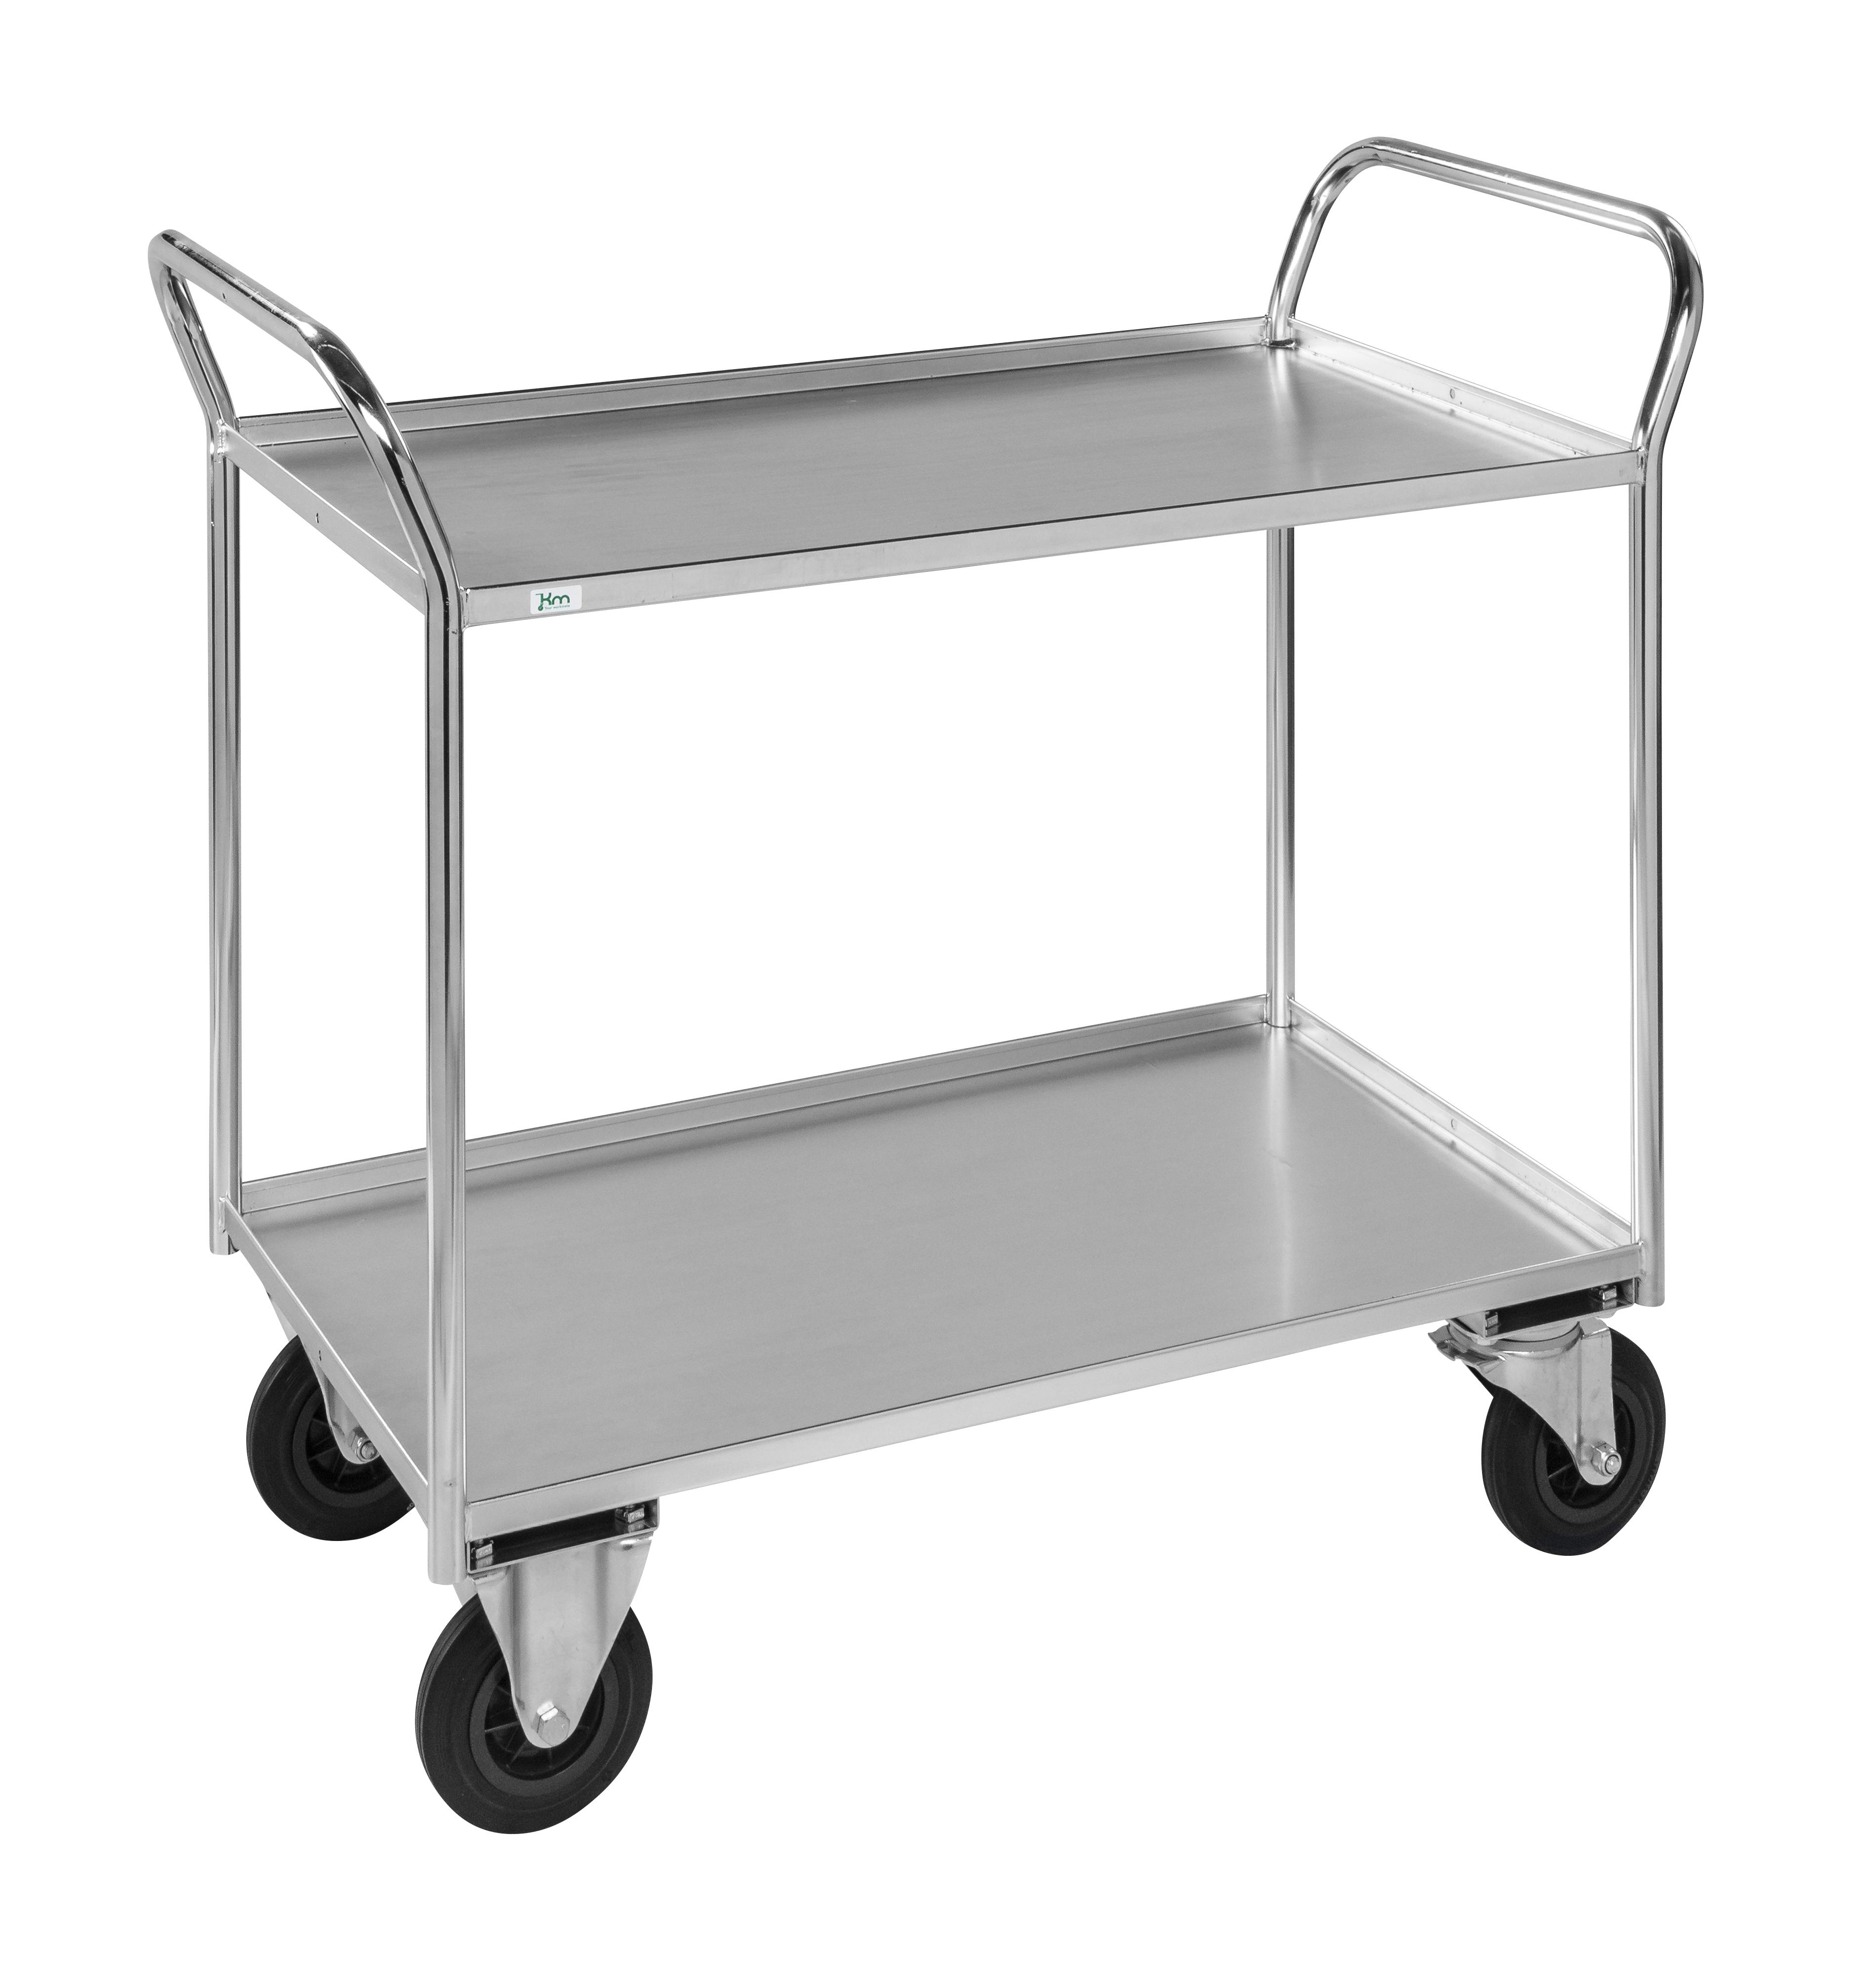 Shelf trolley 2 levels, fully welded KM4133-E